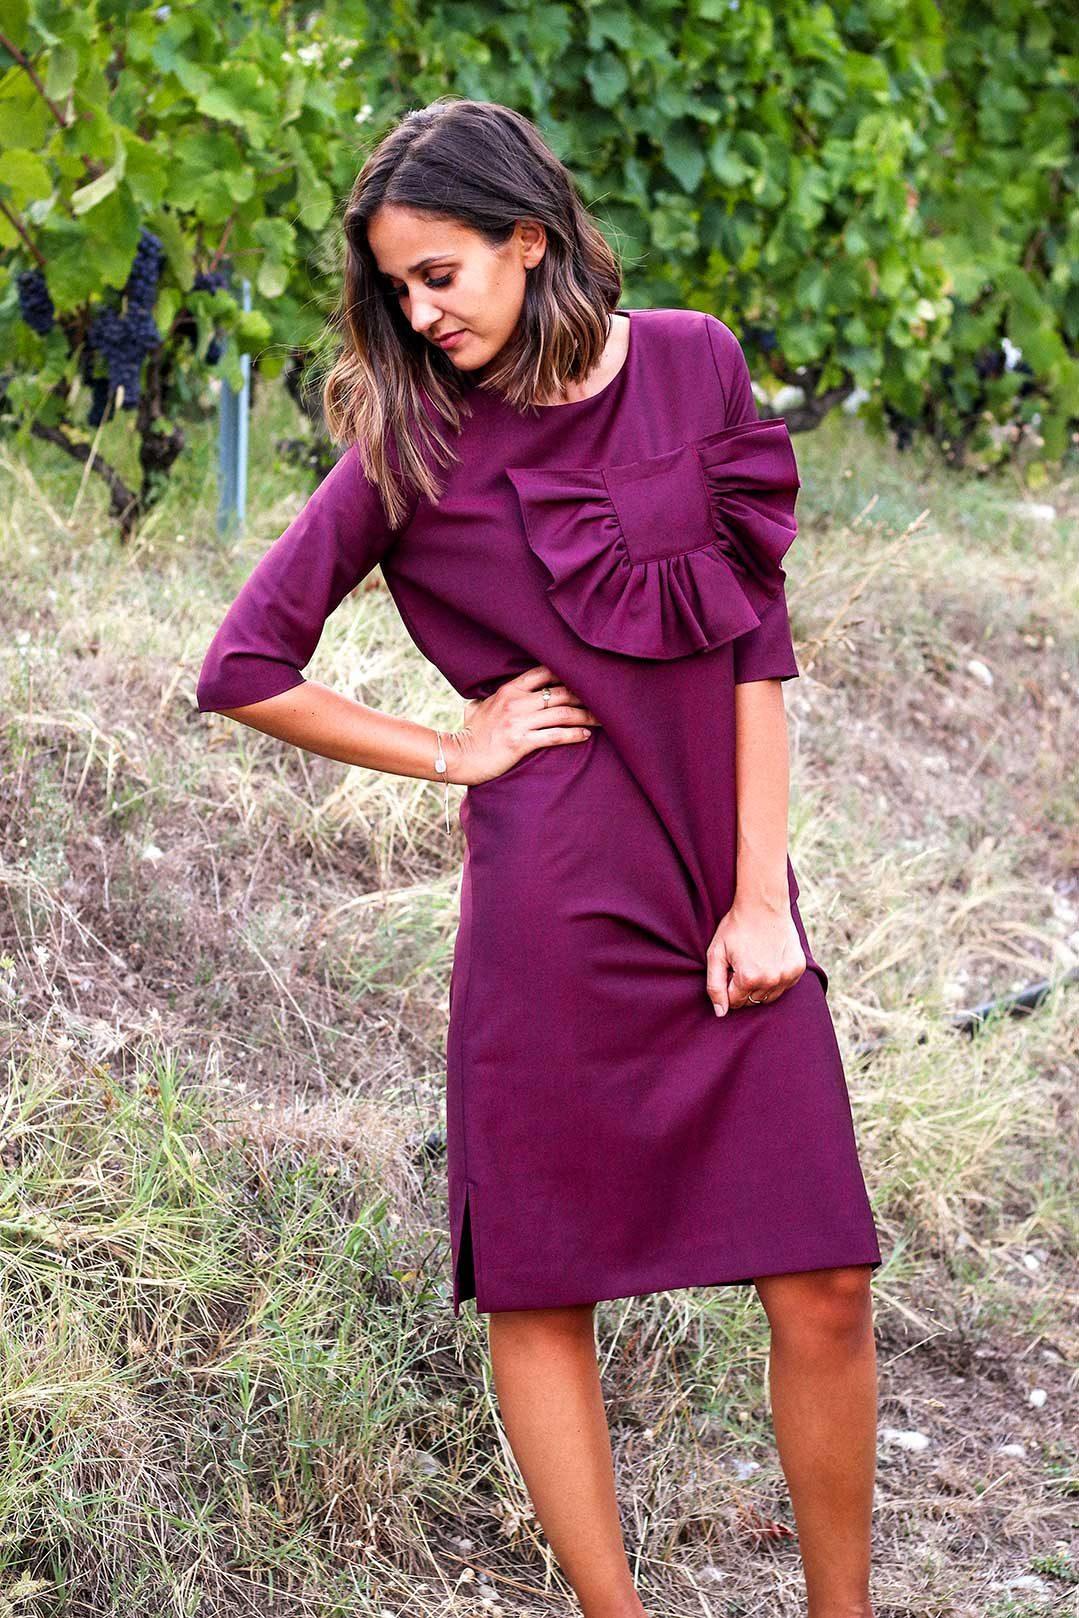 df818fb5a78 Robe longue bordeaux en laine froide avec détails poche - Made in ...